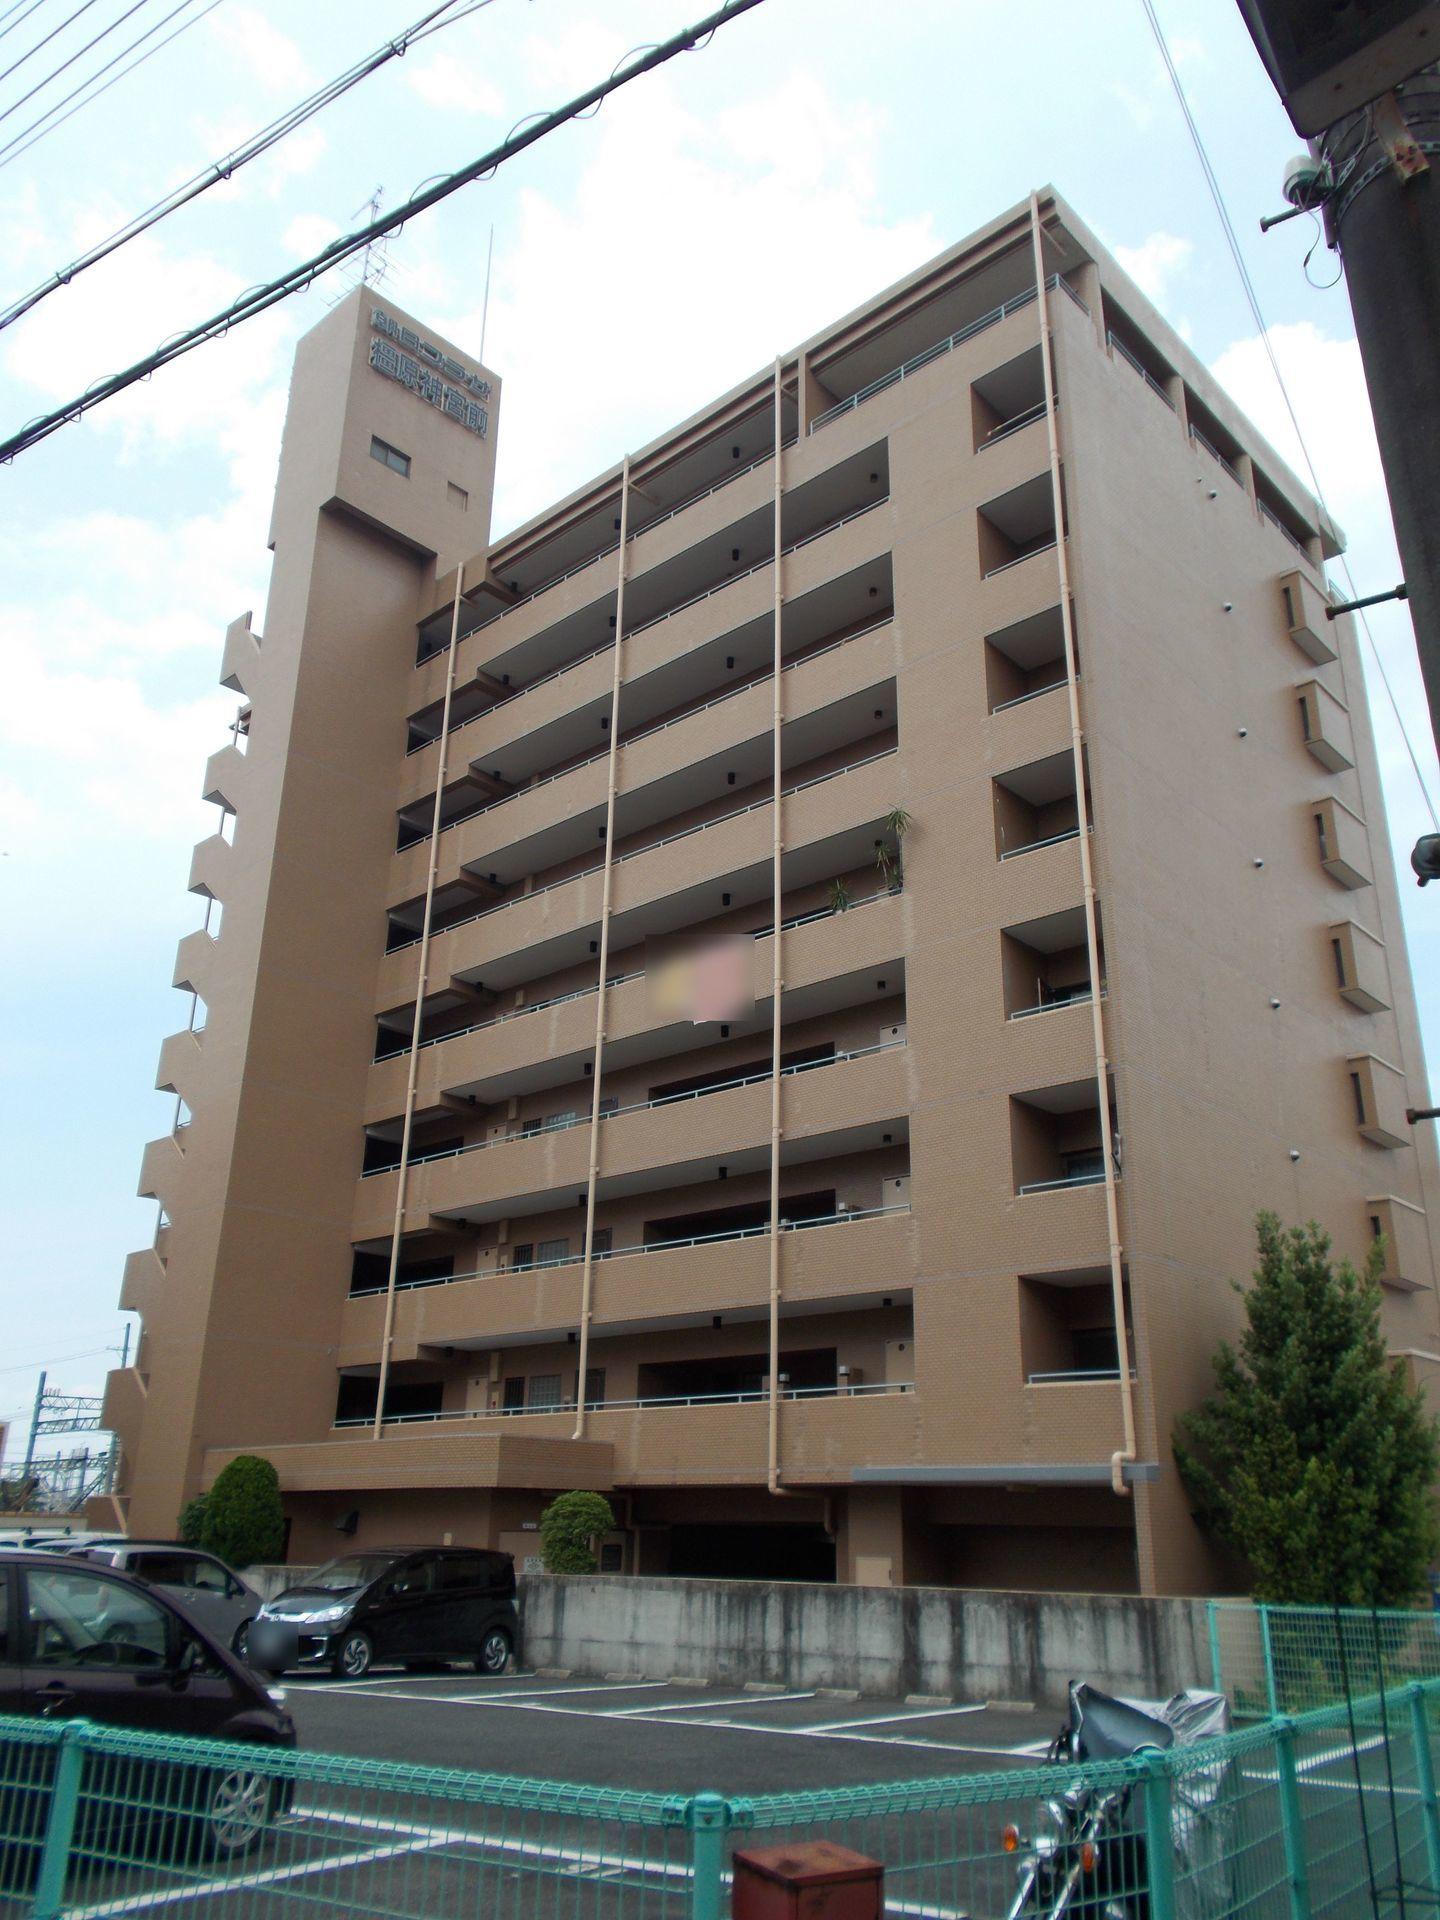 【外観写真】 橿原神宮前駅まで徒歩2分。 大阪方面への通勤も便利な立地です。 小学校・幼稚園・スーパーも全て徒歩8分以内。 お車が無くても不便はありません。